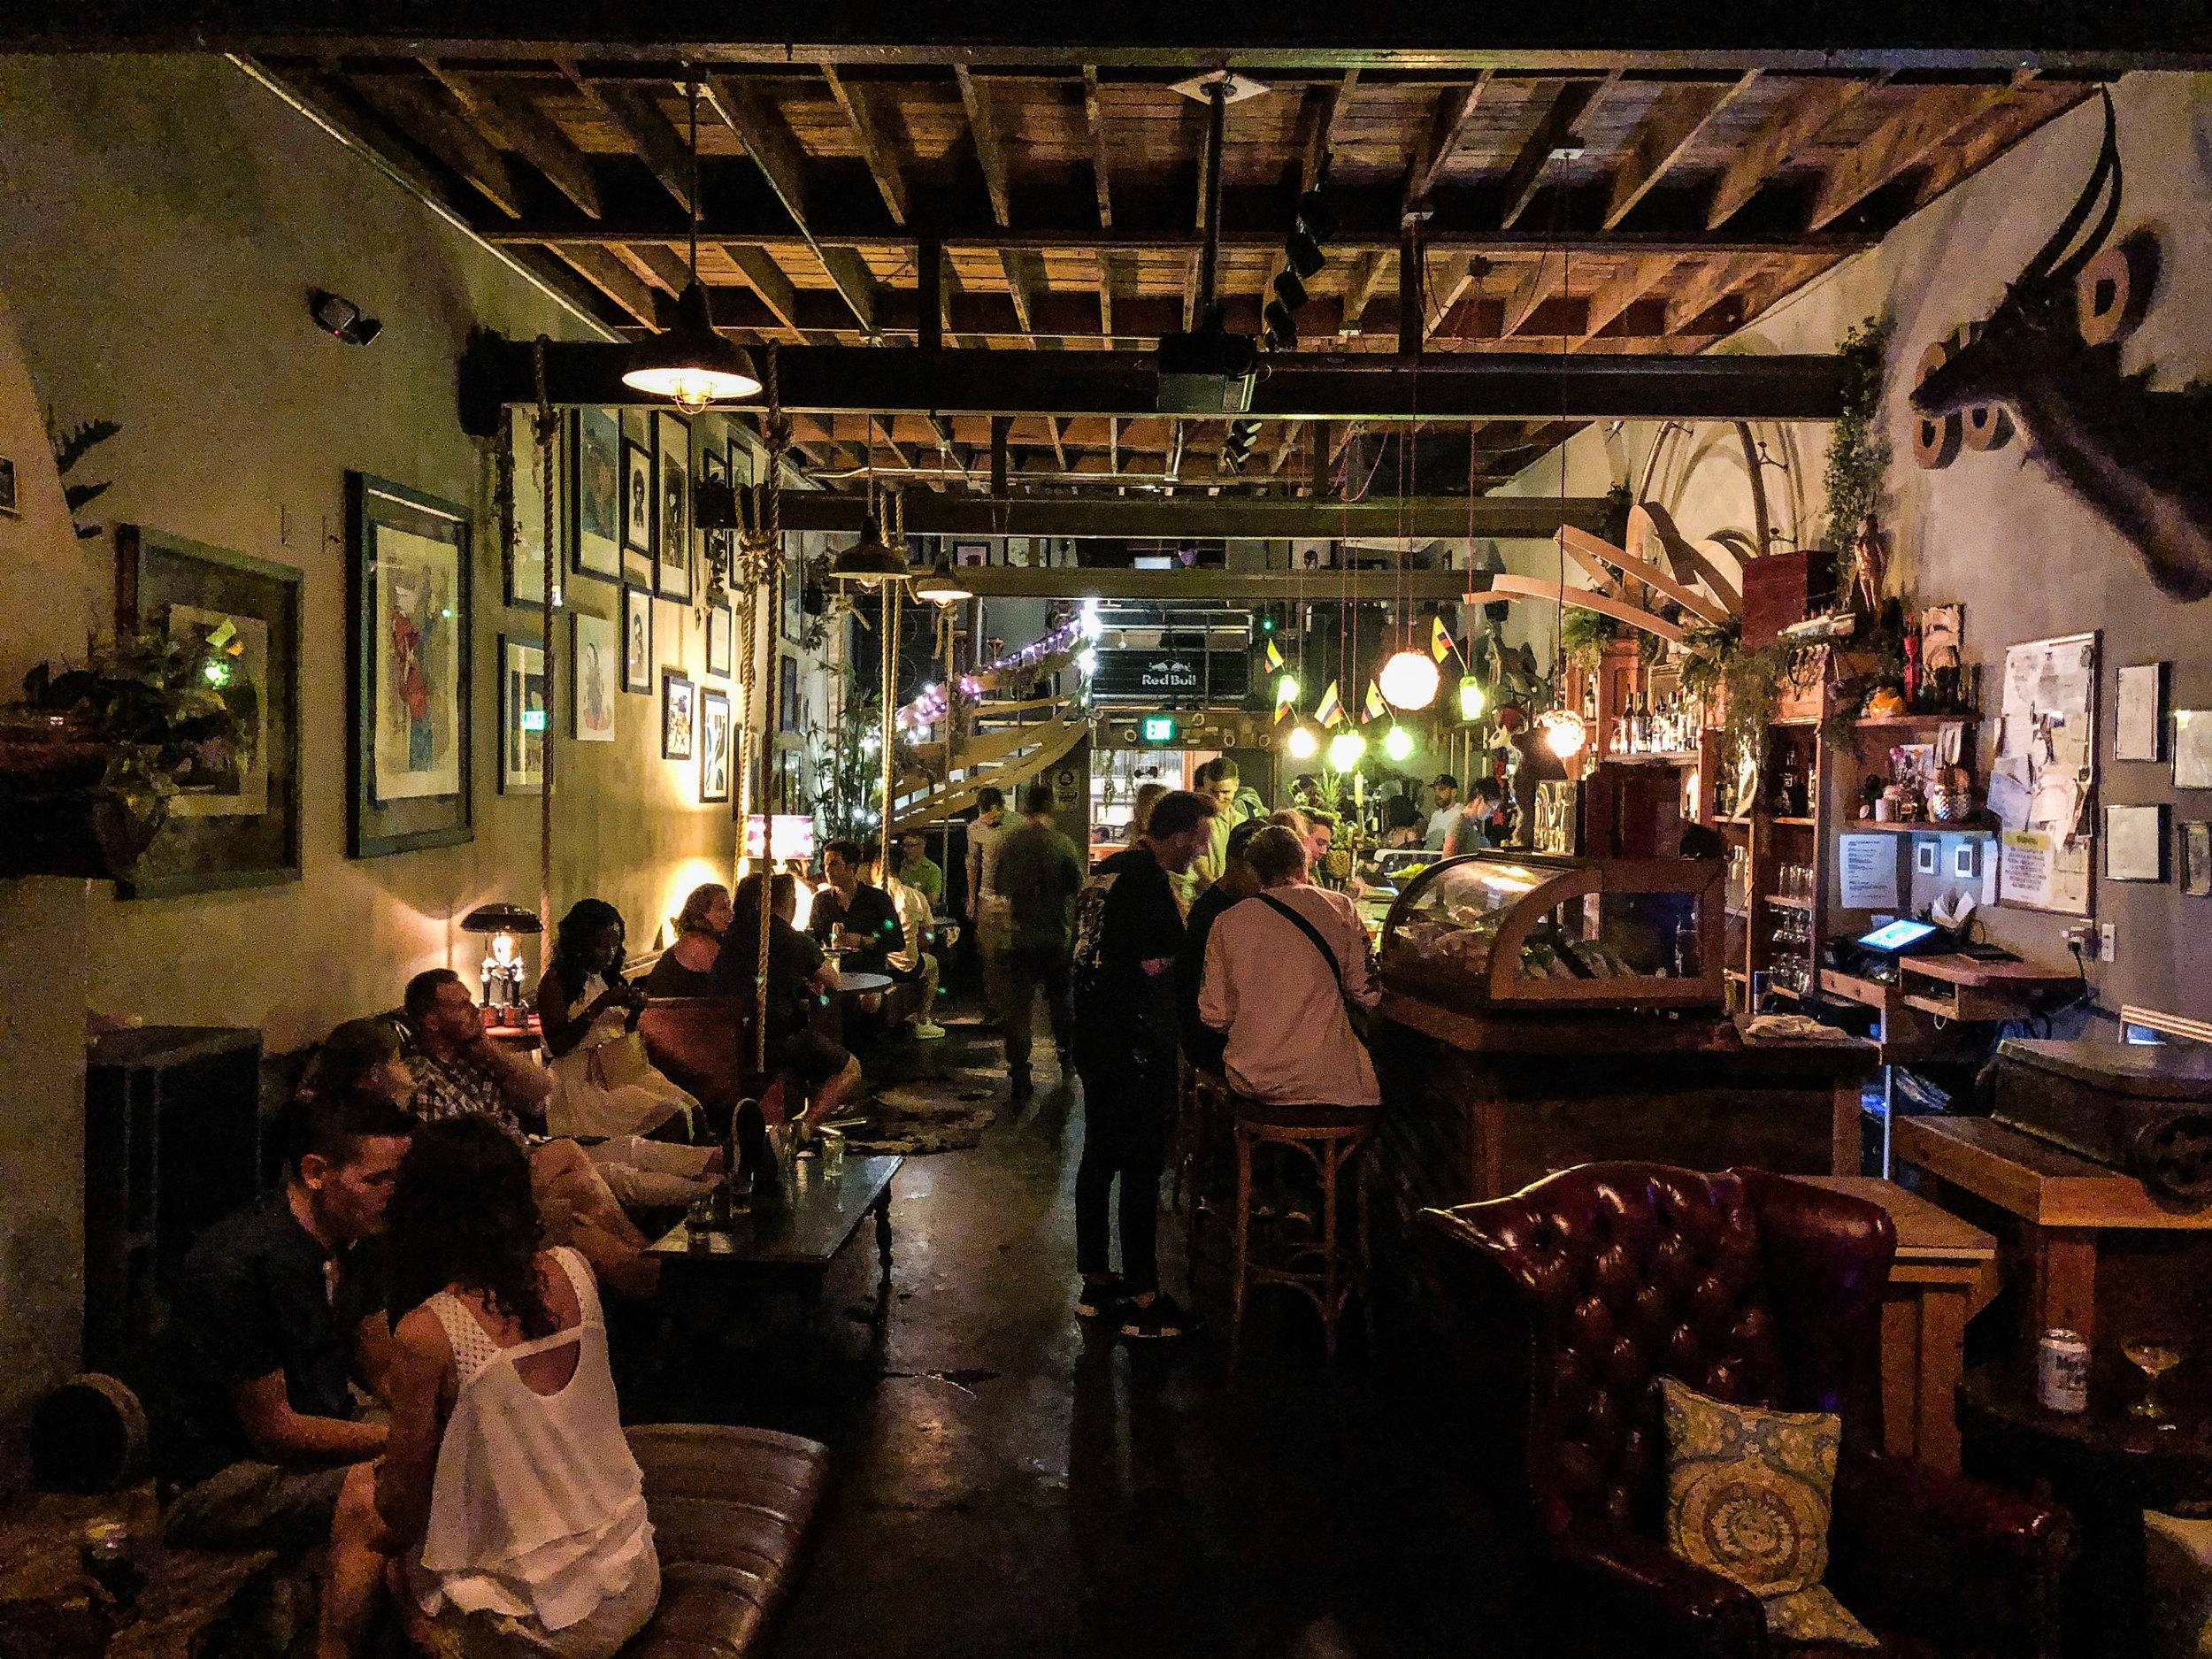 bar-sovereign-nashville-nightlife-1.jpg